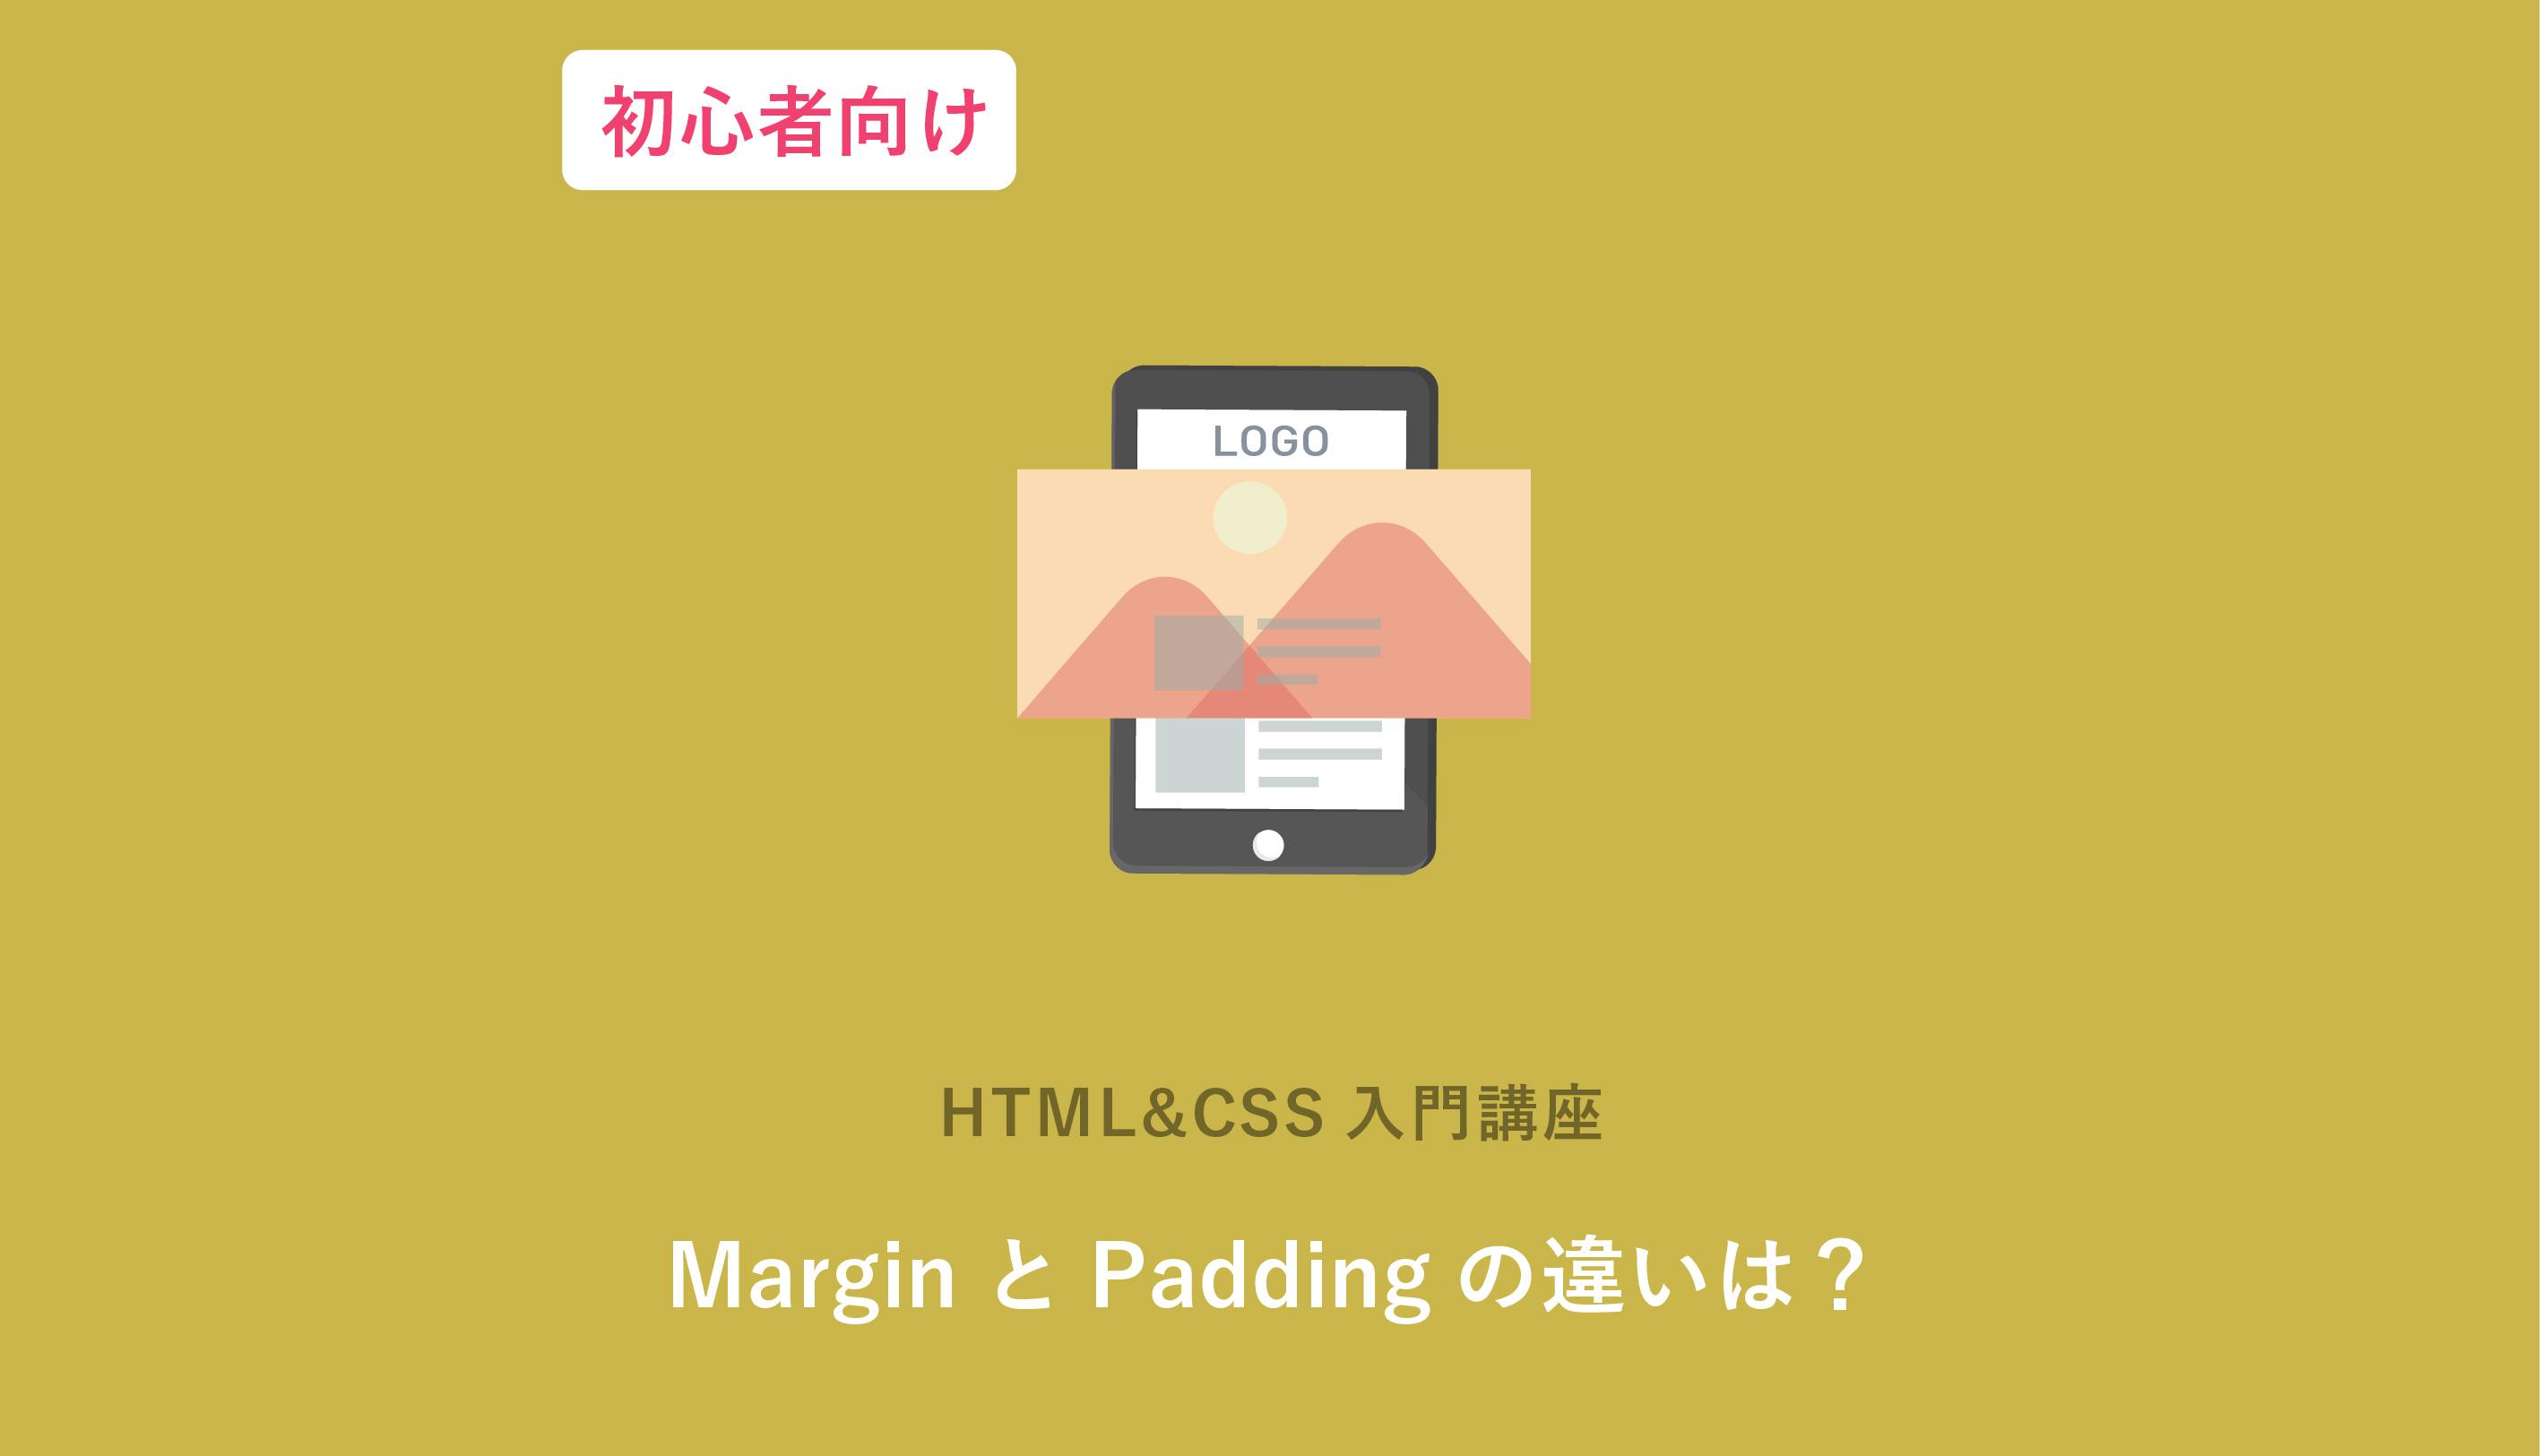 余白を作る CSS「padding/margin」の使い分け方【徹底解説】